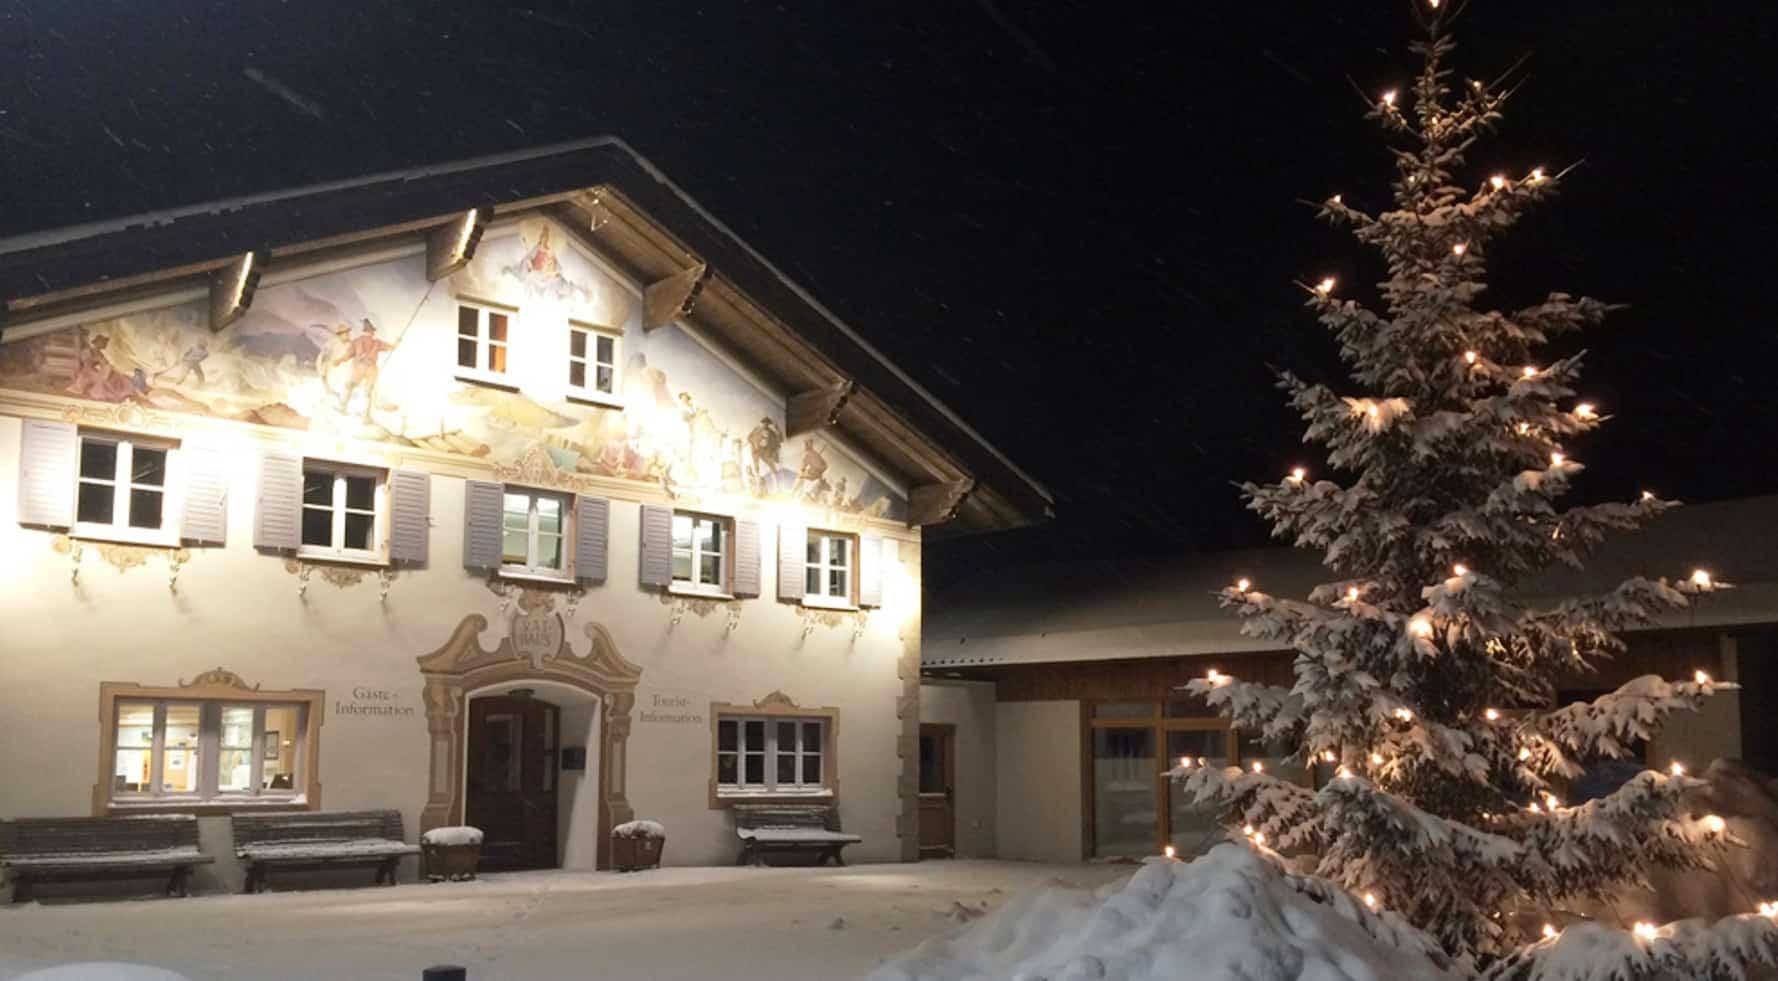 Bauernhaus im Schnee